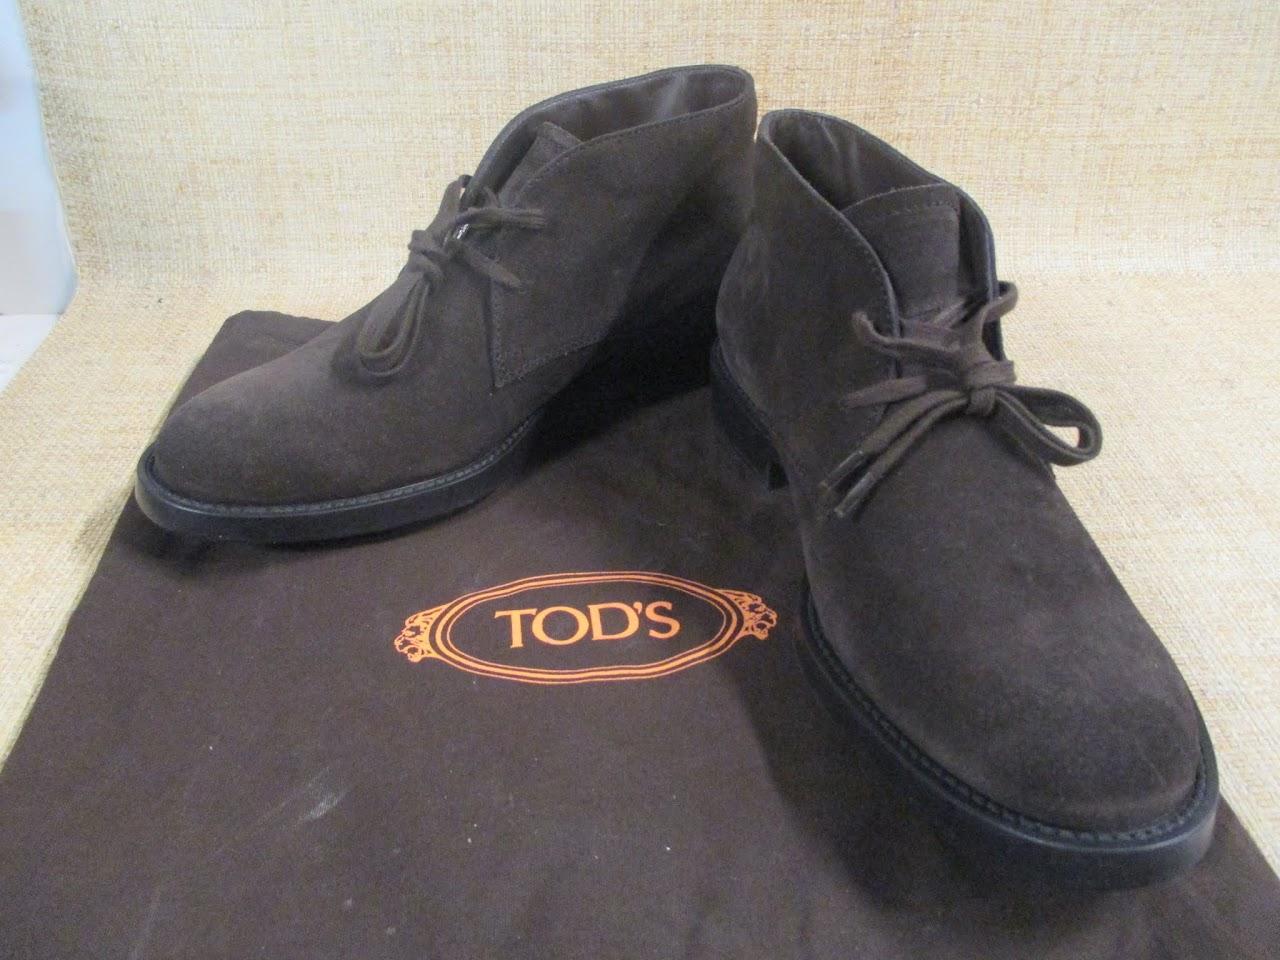 Tod's Chukka Boots